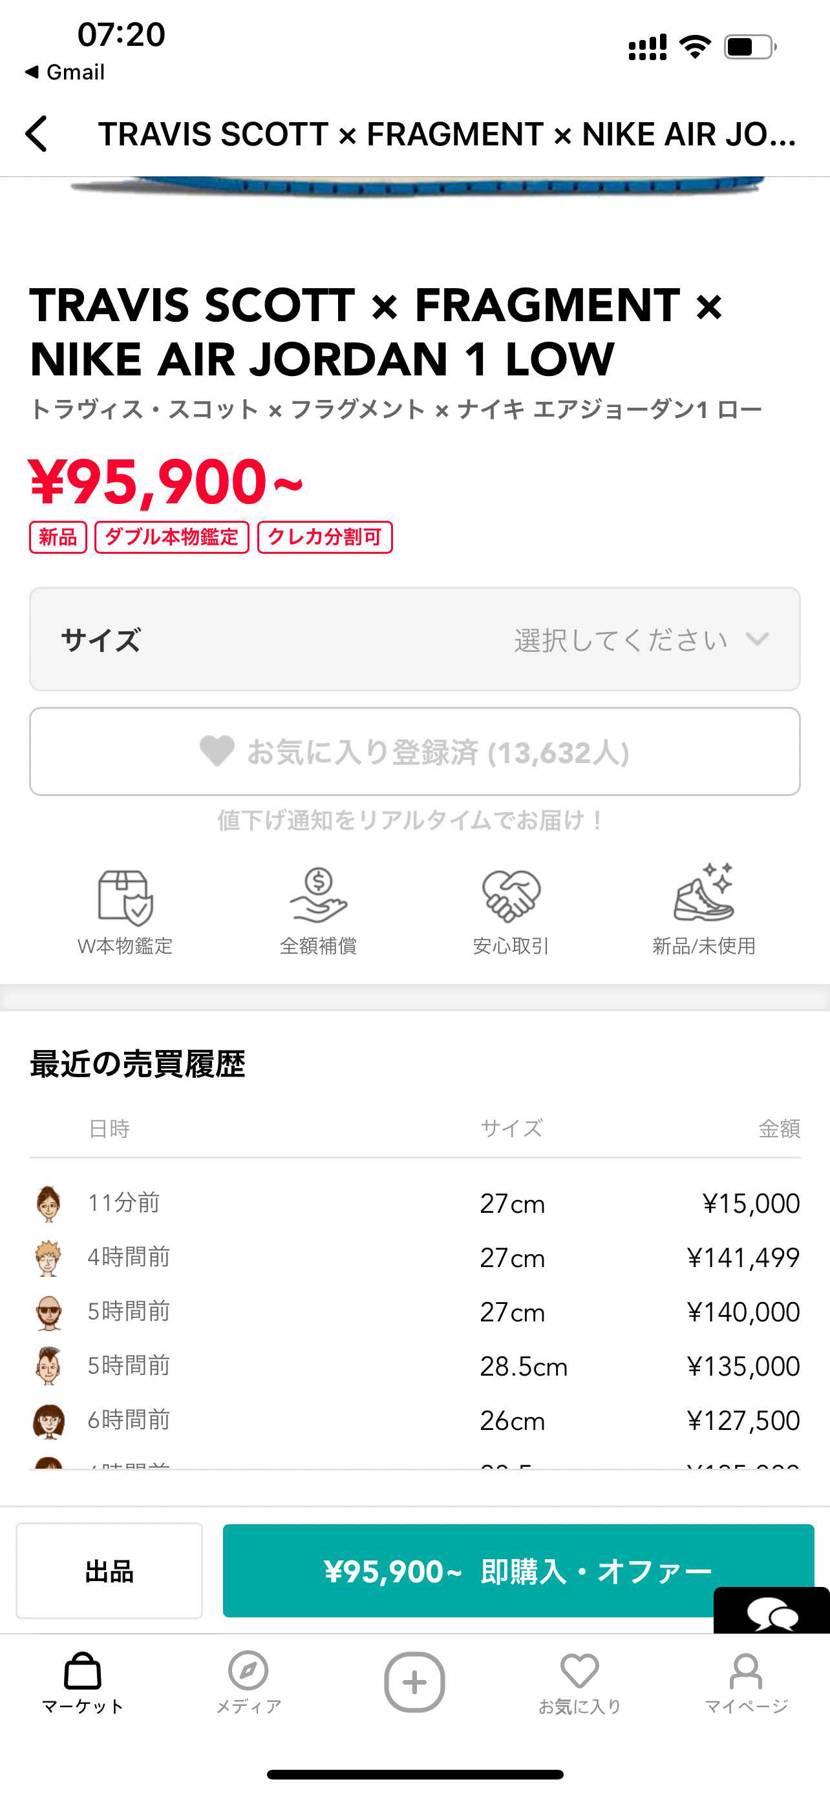 15000円?ww